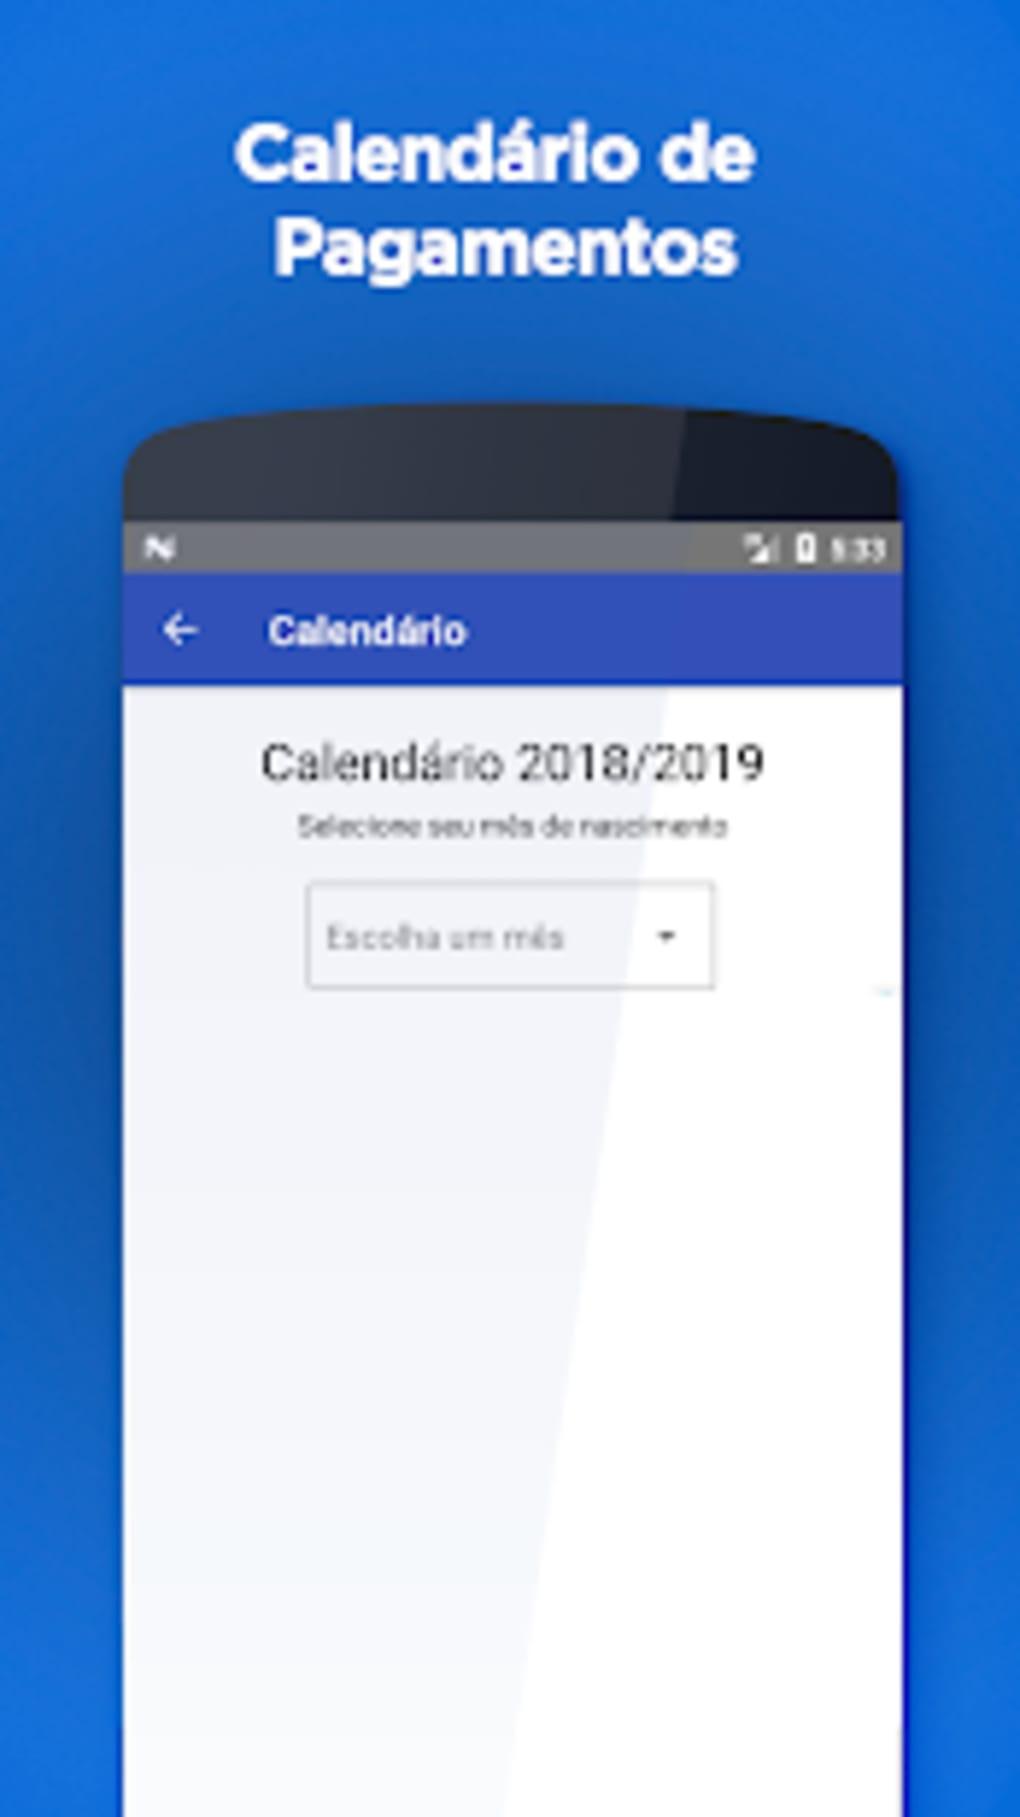 Calendario Android.Ps Consulta E Calendario For Android Download